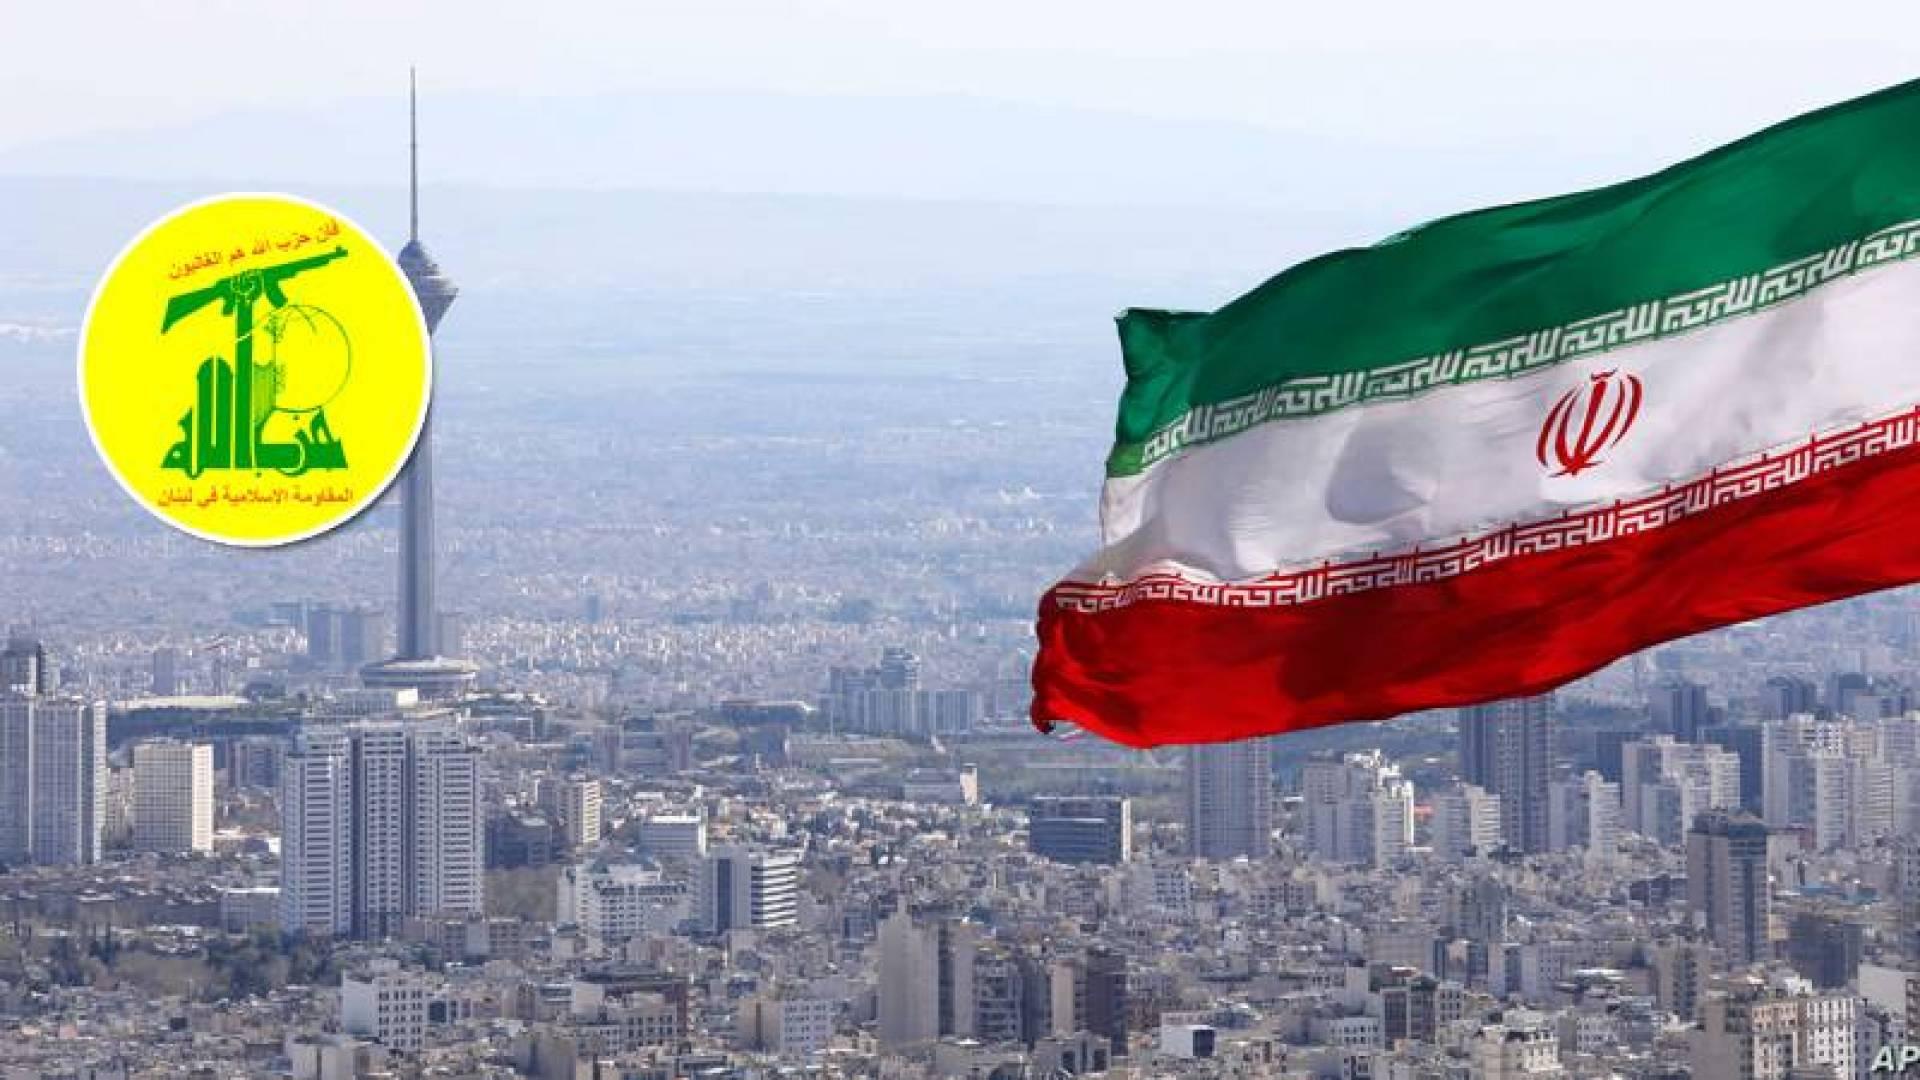 اغتيال عنصر من «حزب الله» اللبناني.. بطلقات نارية في إيران